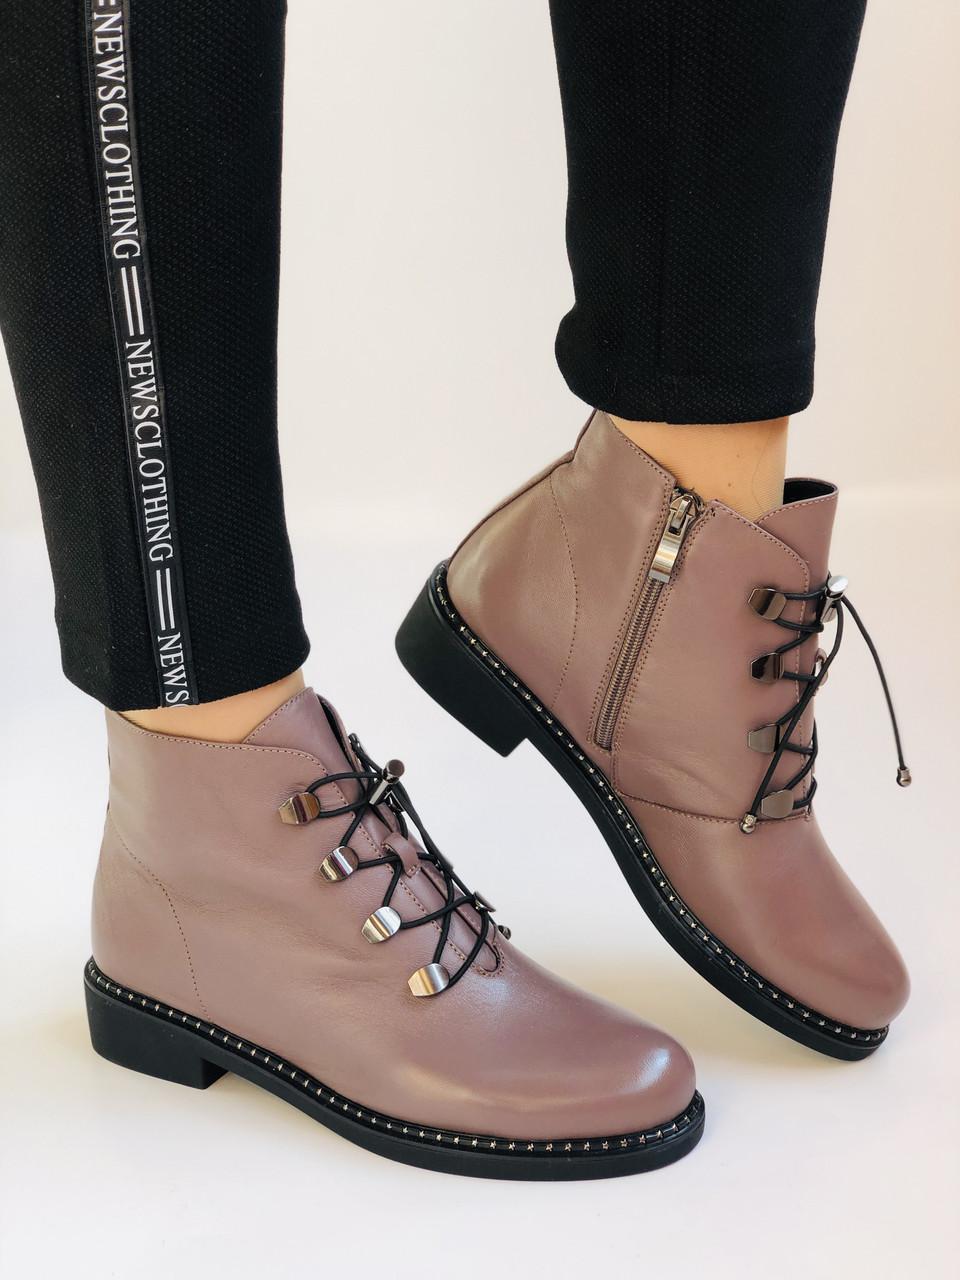 Жіночі черевики. На середньому каблуці. Натуральна шкіра.Висока якість. Erisses. Р. 35-40.Vellena